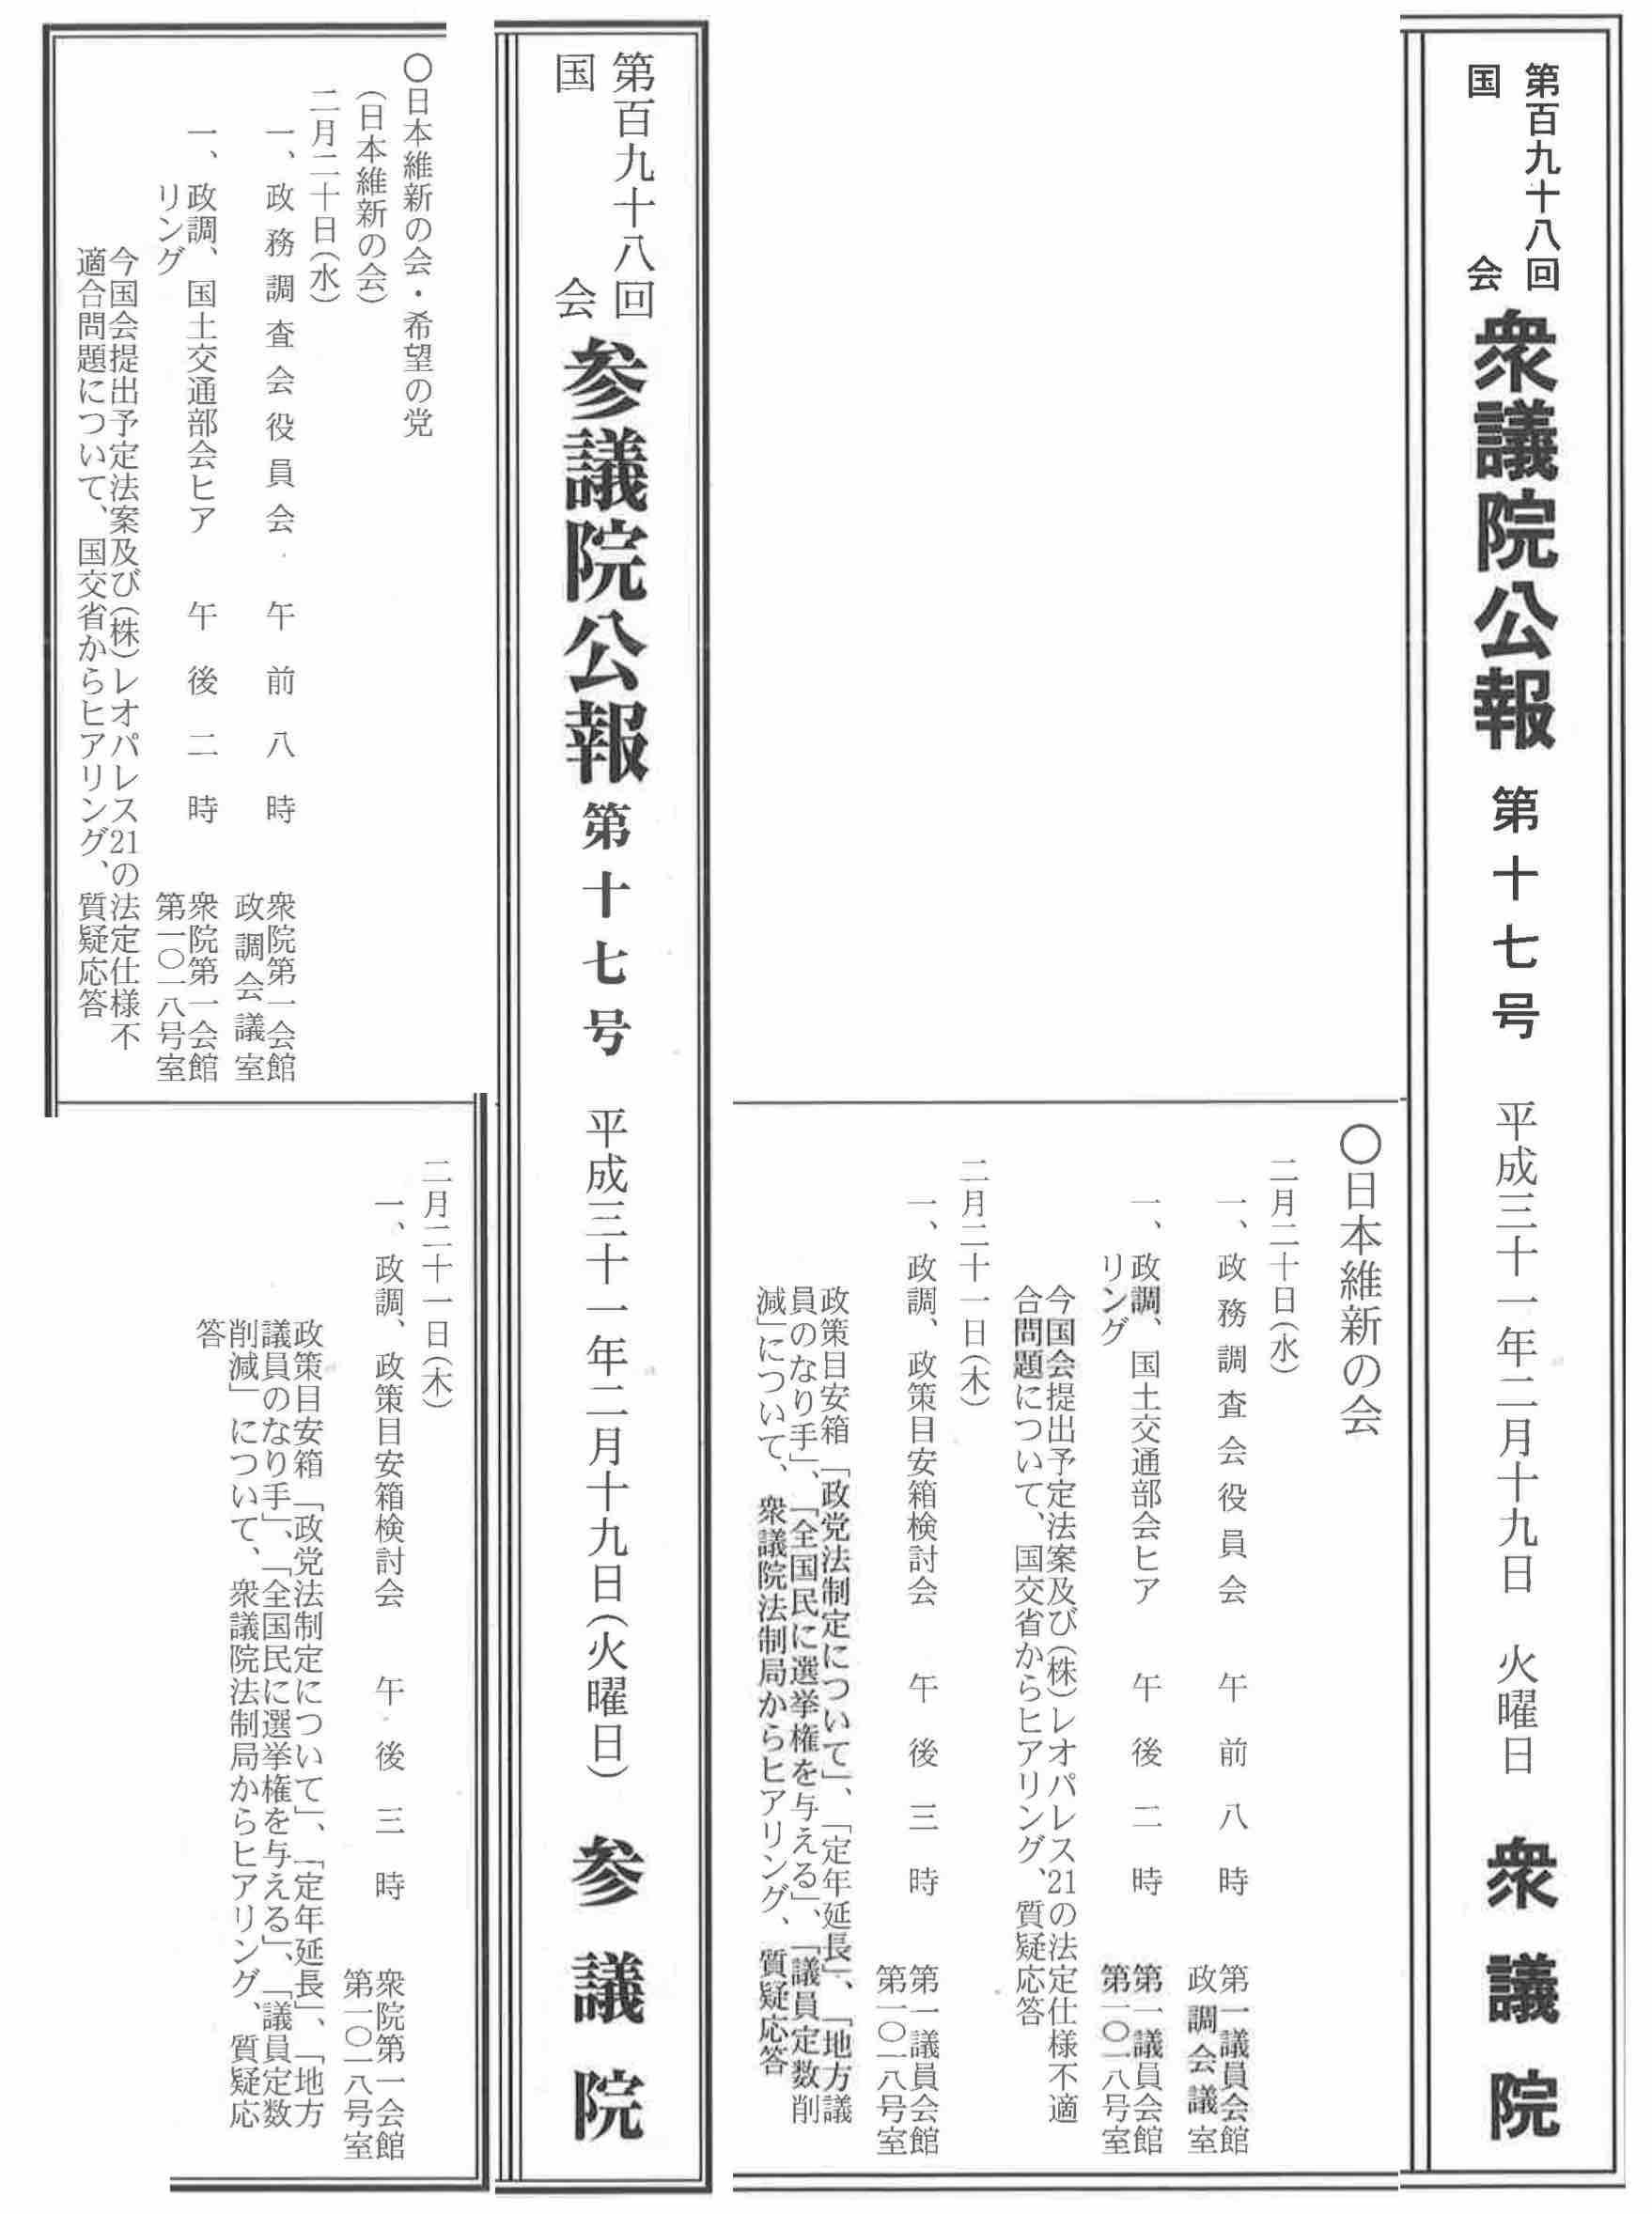 2019年2月19日(火)衆・参議院公報による政策目安箱他告知のお知らせ